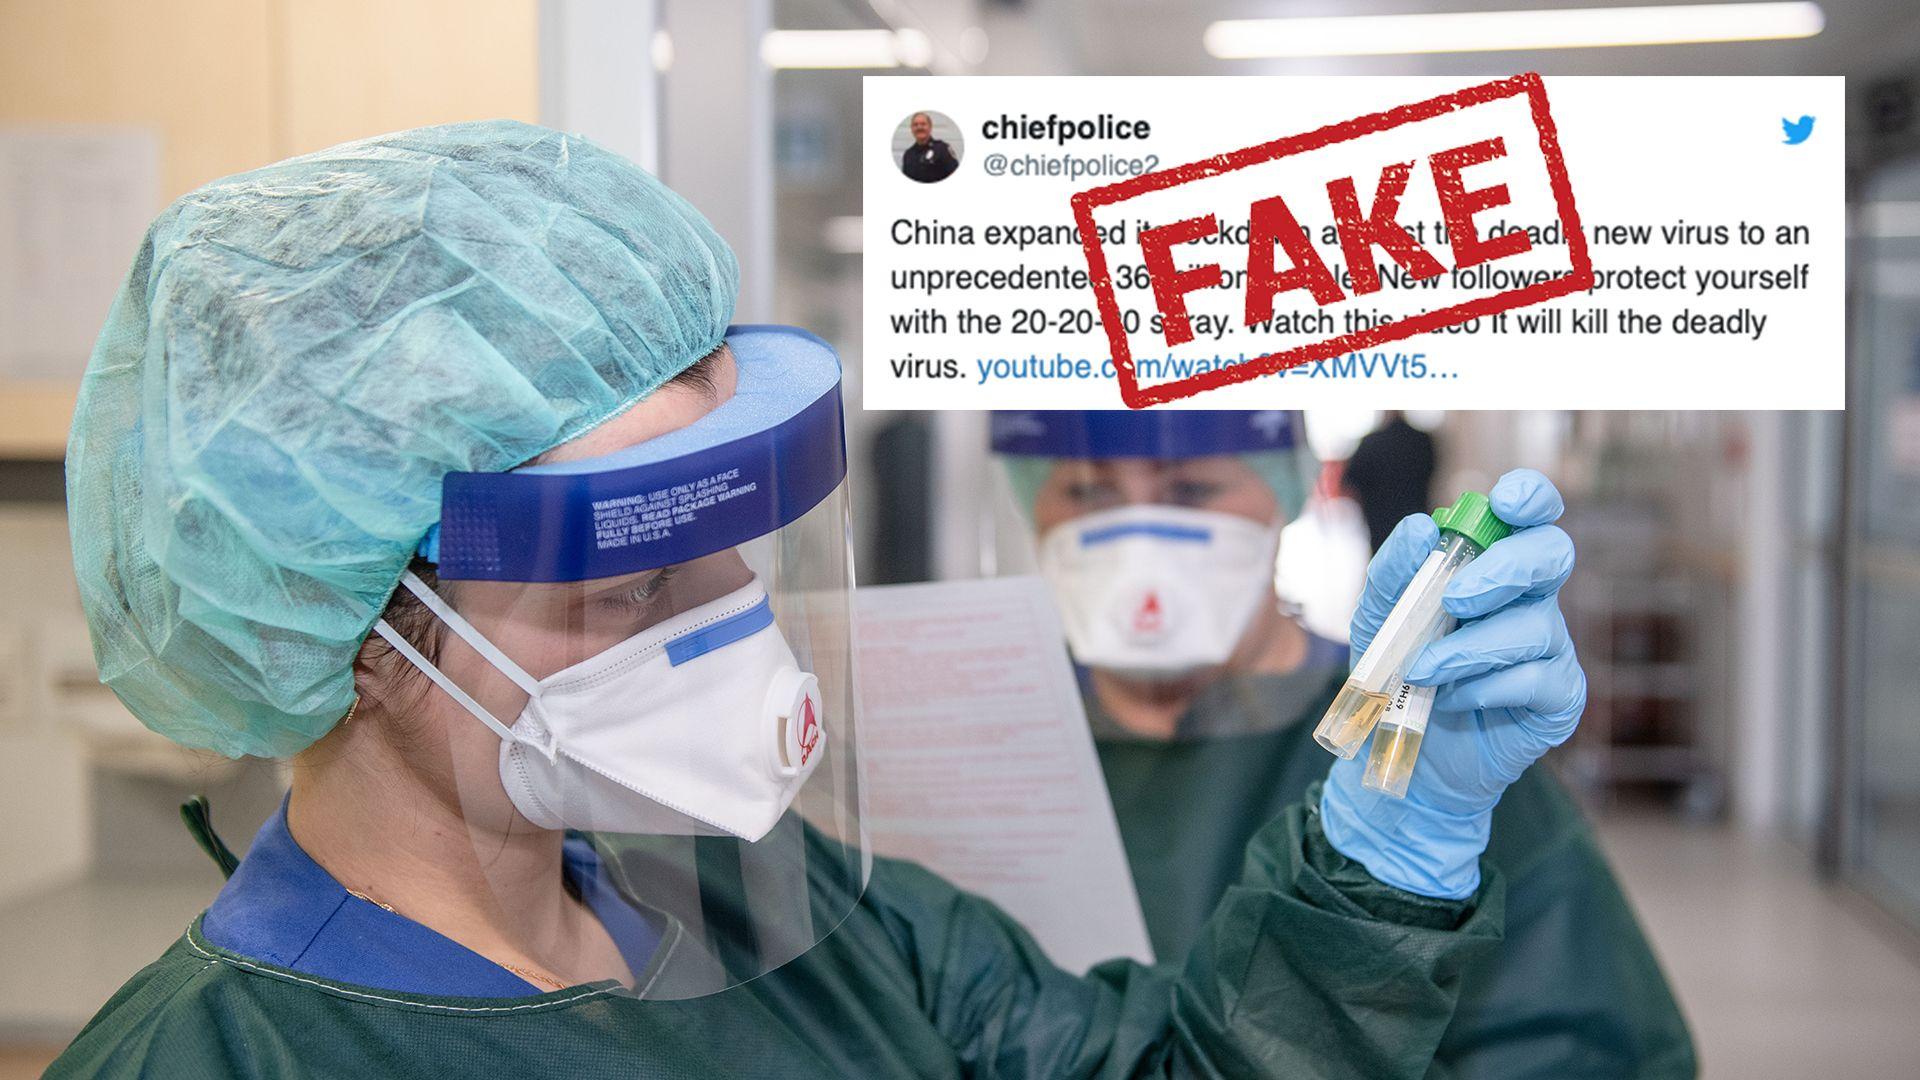 Coronavirus conspiracy theories spread panic and dangerous ...